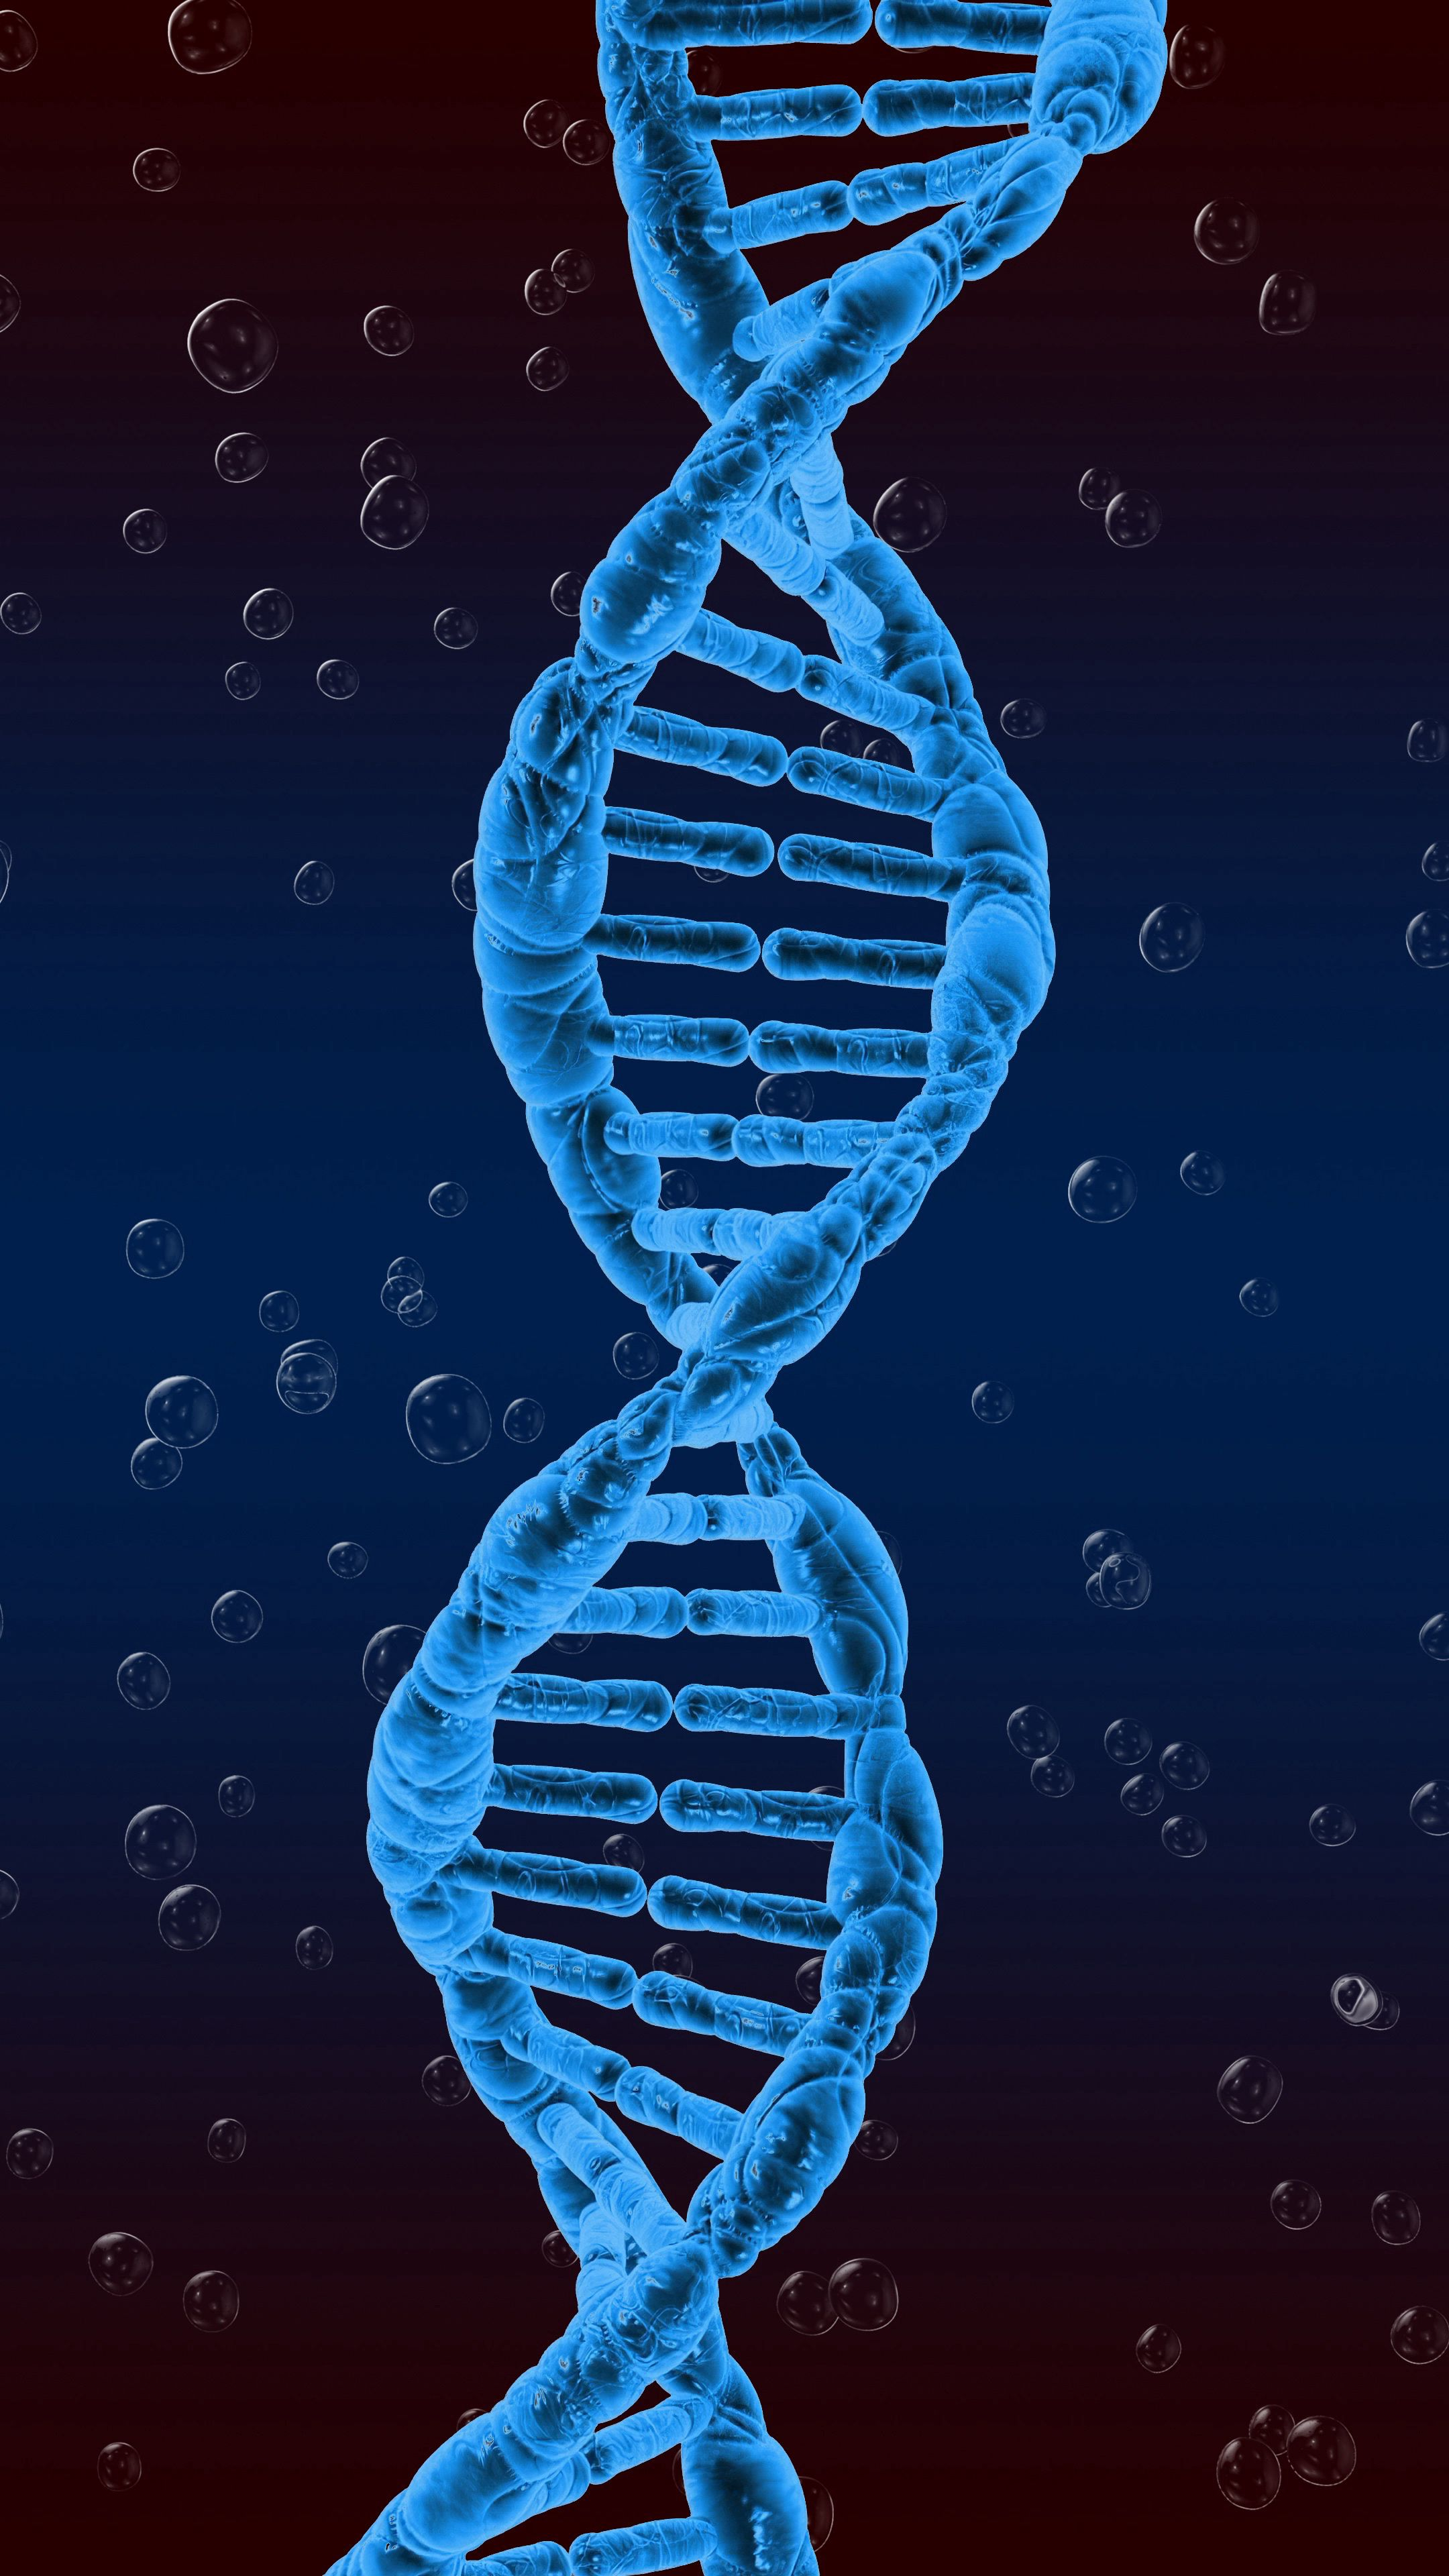 53277 завантажити шпалери 3D, Об'ємний Об'ємний, Спіраль, Закручений, Інволюція, Днк, Генетики, Генетика - заставки і картинки безкоштовно